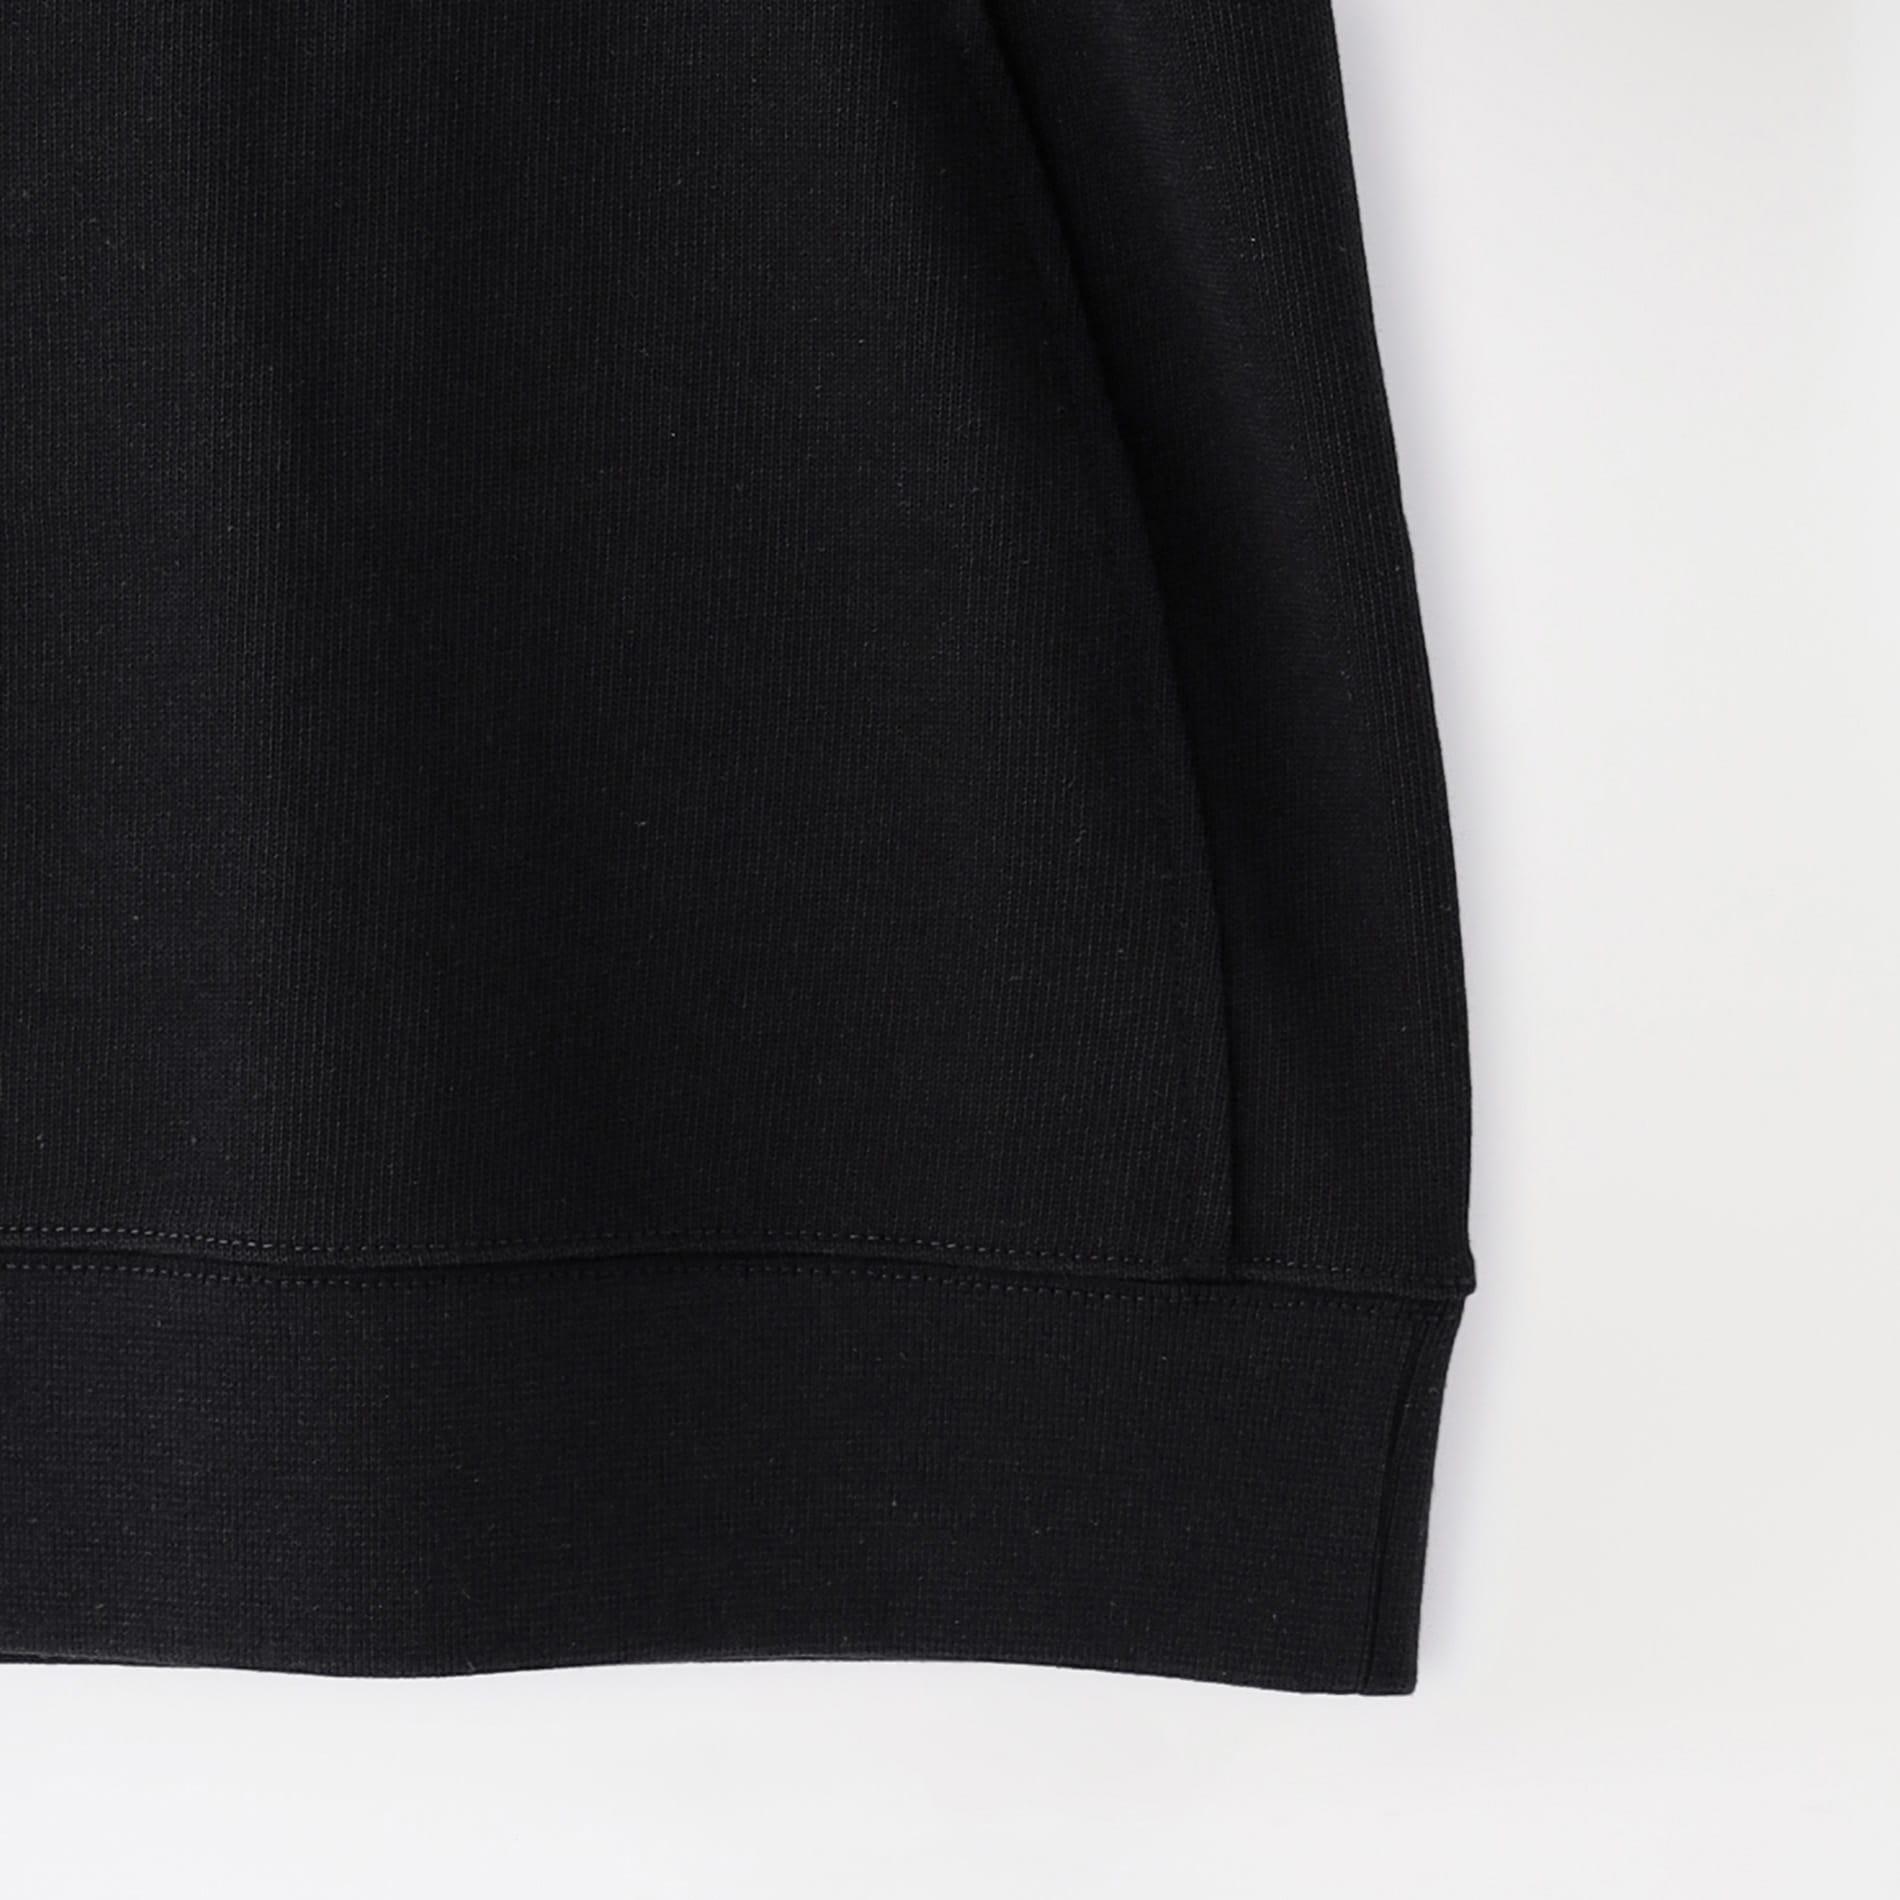 【alexanderwang.t】WOMEN ワンピース SCULPTED SS DRESS W/CHEST POCKET 4CC2216101